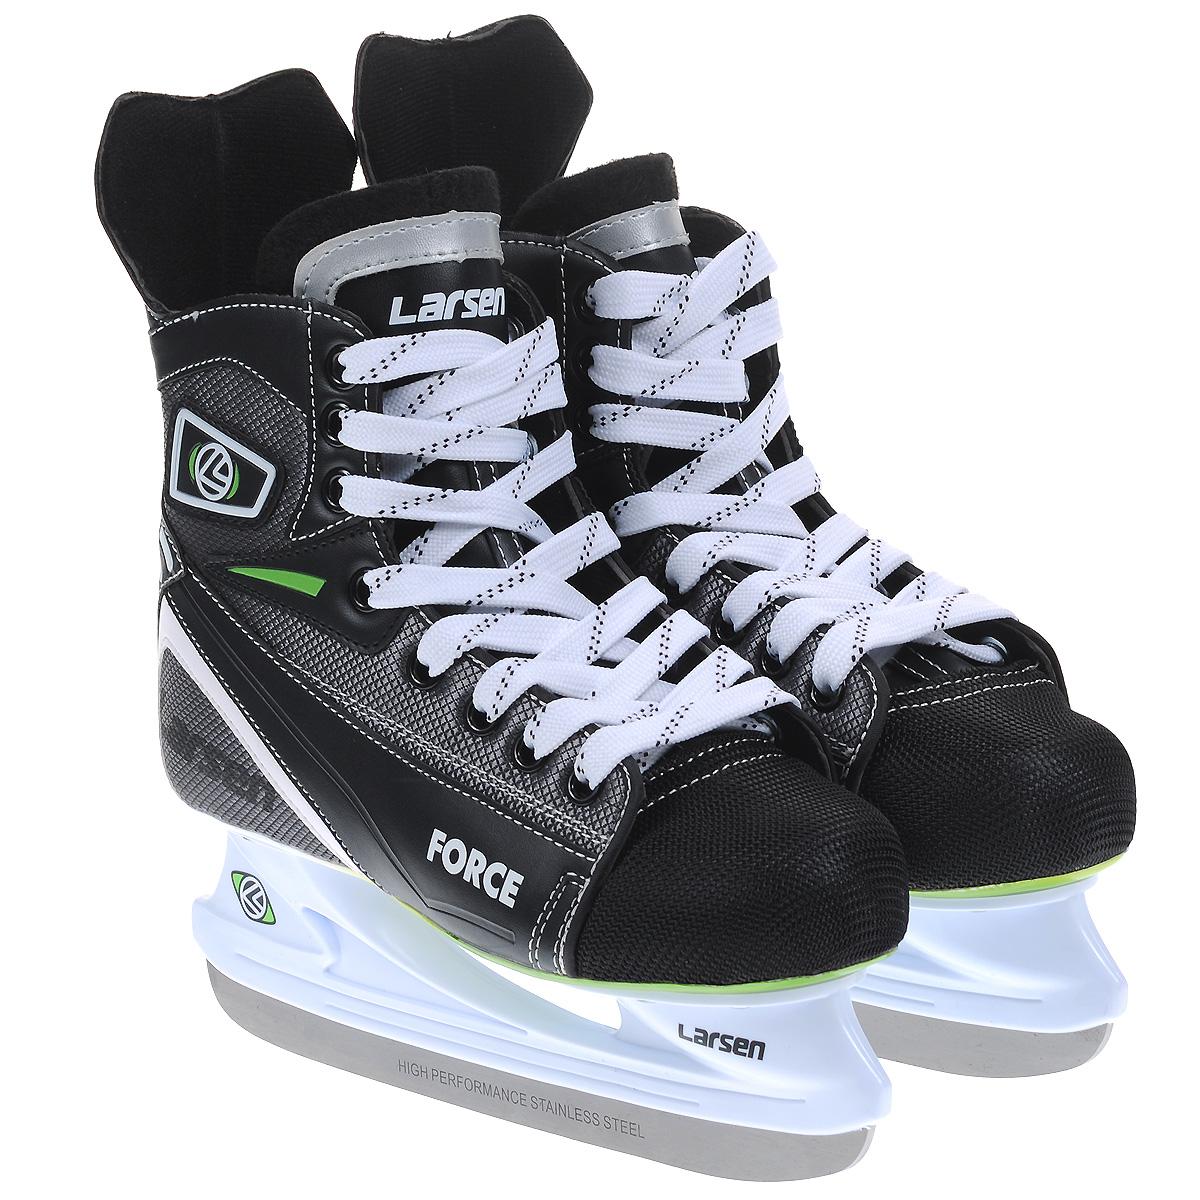 Коньки хоккейные мужские Larsen Force, цвет: черный, серый. Размер 41Atemi Force 3.0 2012 Black-GrayХоккейные коньки Force от Larsen прекрасно подойдут для начинающих игроков в хоккей. Ботинок выполнен из морозоустойчивого поливинилхлорида. Мыс из полипропилена, покрытого сетчатым нейлоном плотностью 800D, защитит ноги от ударов. Внутренний слой изготовлен из мягкого материала Cambrelle, который обеспечит тепло и комфорт во время катания, язычок войлочный. Поролоновый утеплитель не позволит вашим ногам замерзнуть. Плотная шнуровка надежно фиксирует модель на ноге. Удобный суппорт голеностопа.Стелька из материала EVA обеспечит комфортное катание.Стойка выполнена из ударопрочного пластика. Лезвие из высокоуглеродистой стали жесткостью HRC 50-52 обеспечит превосходное скольжение.